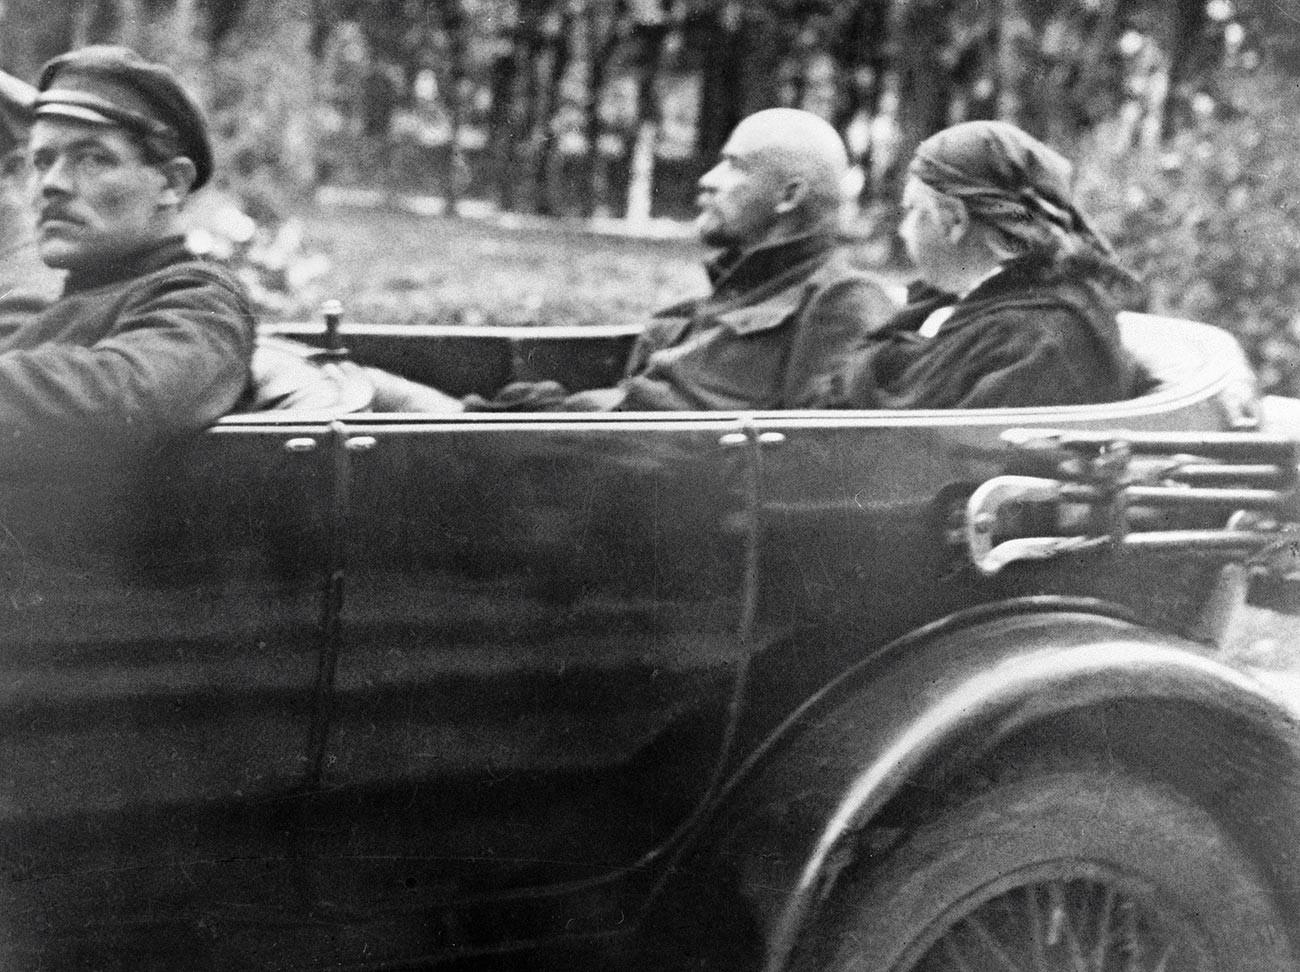 Ленин и Надежда Крупская на автомобильной прогулке в окрестностях Горок во время отдыха вождя после болезни